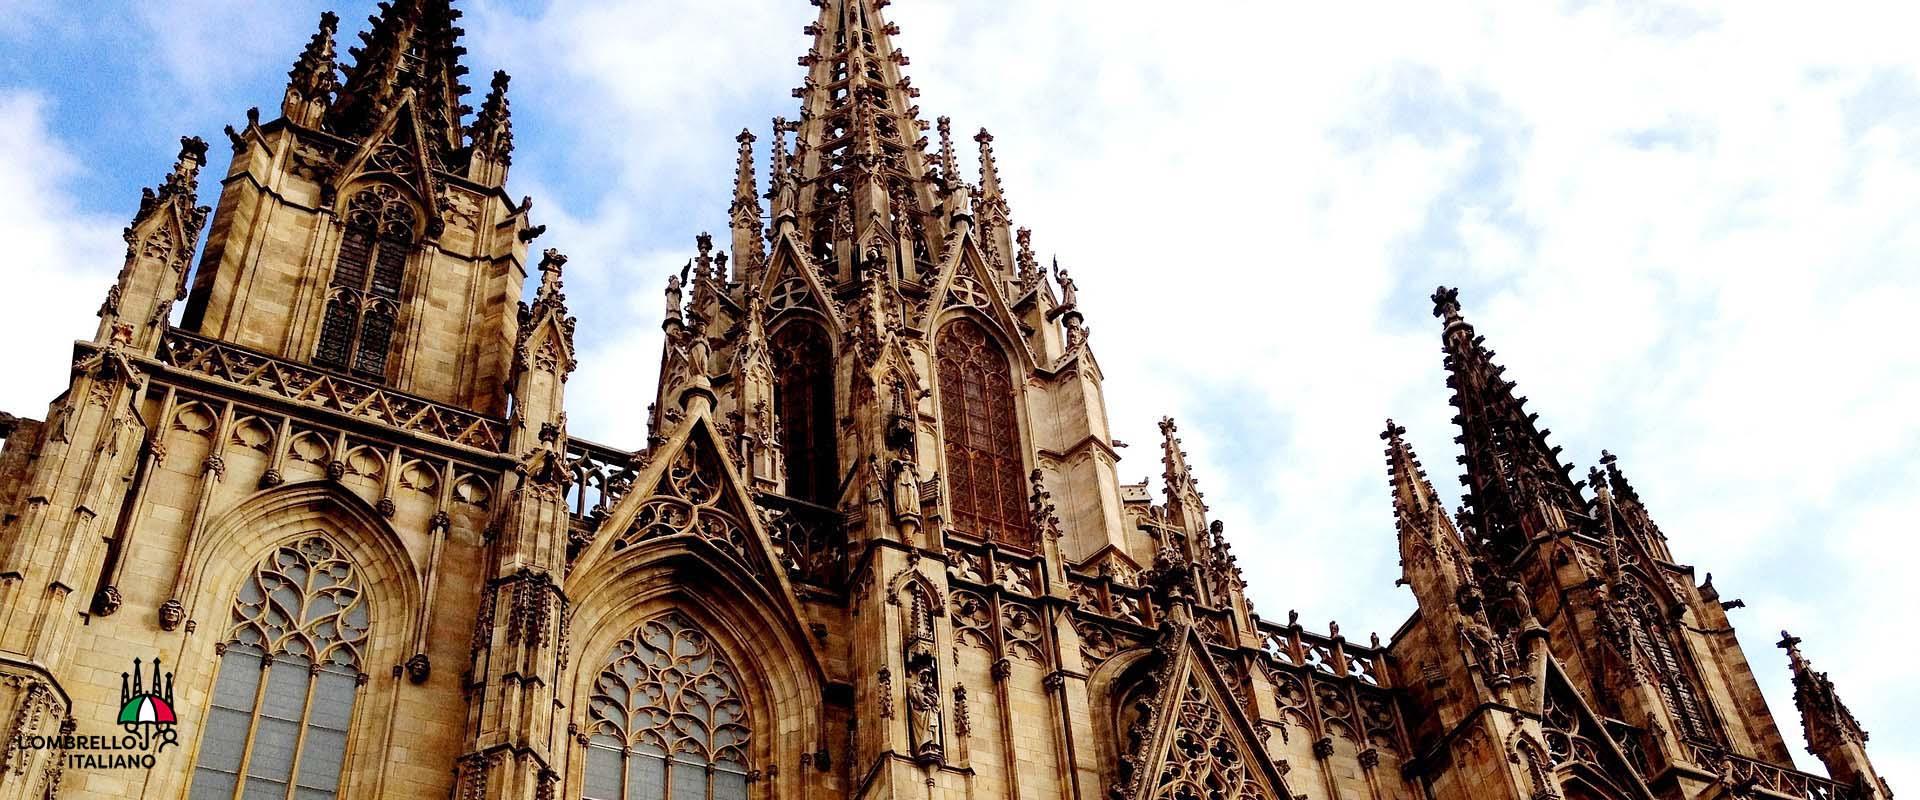 Visita guidata in italiano Sagrada Famiglia a Barcellona